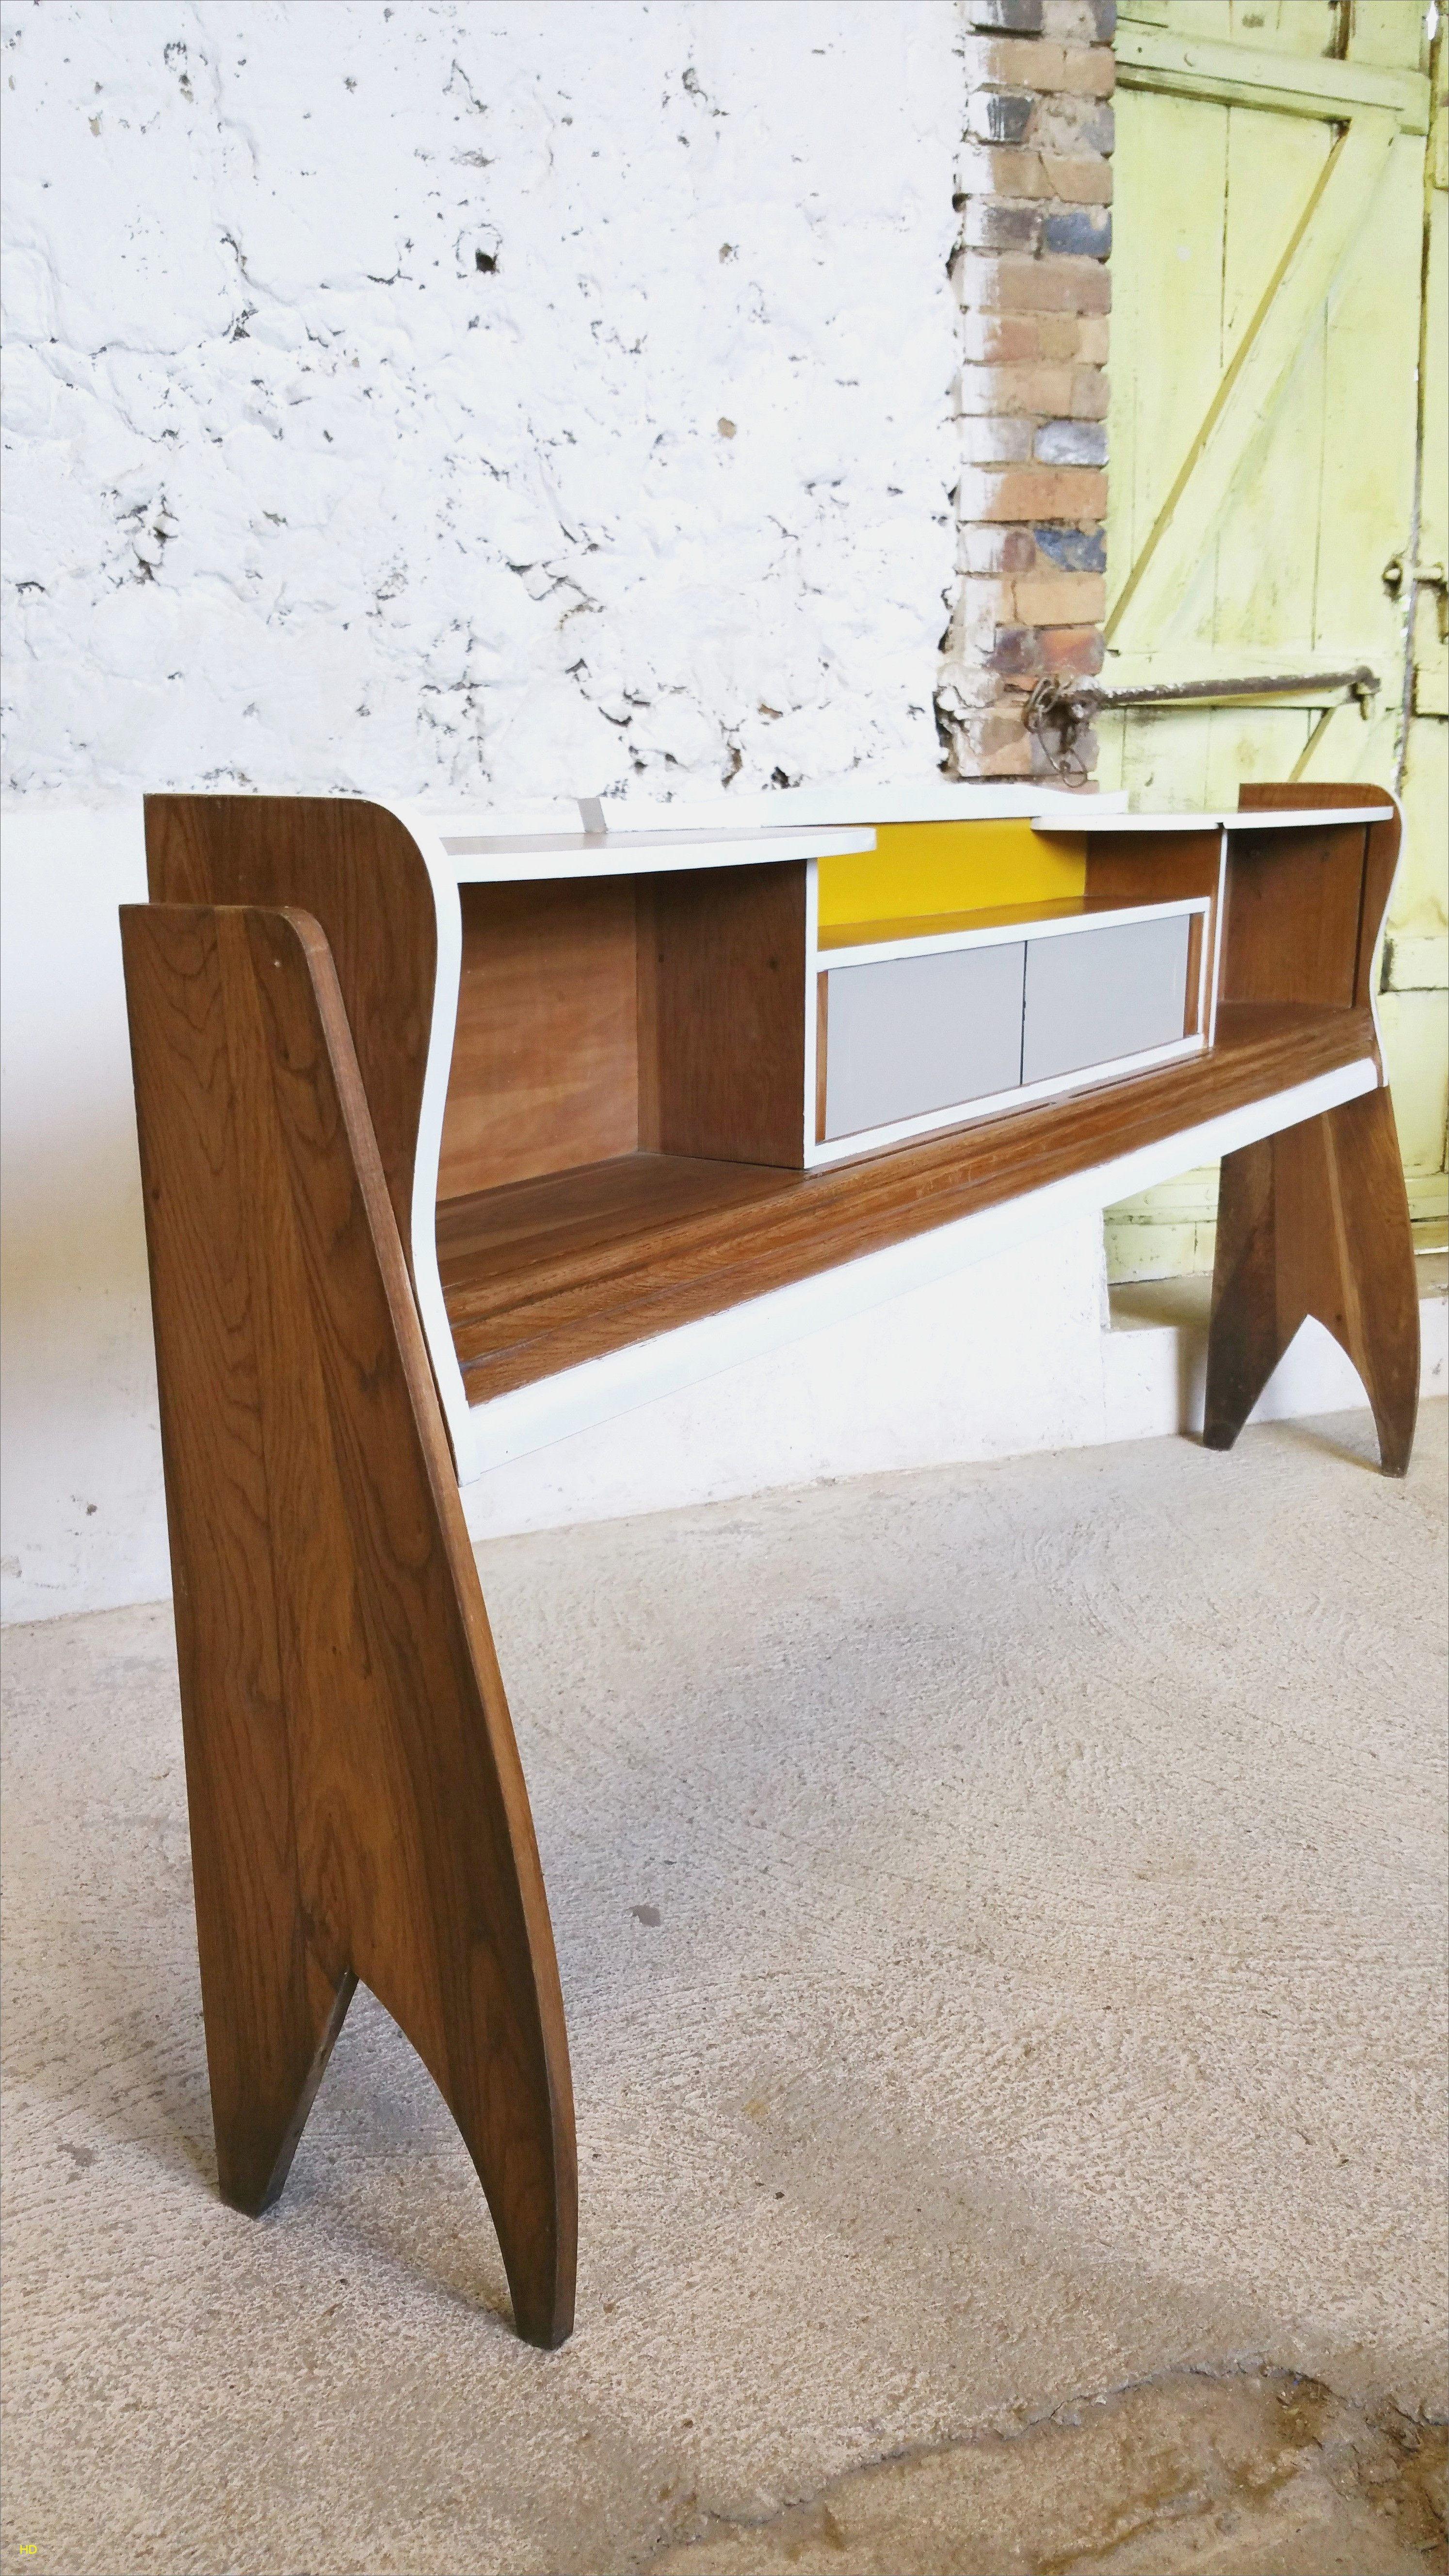 Lit Superposé En Bois Beau Chaise Table Bébé Cuisine Pour Bebe Lovely Lit Ikea Bebe 12 Superpos